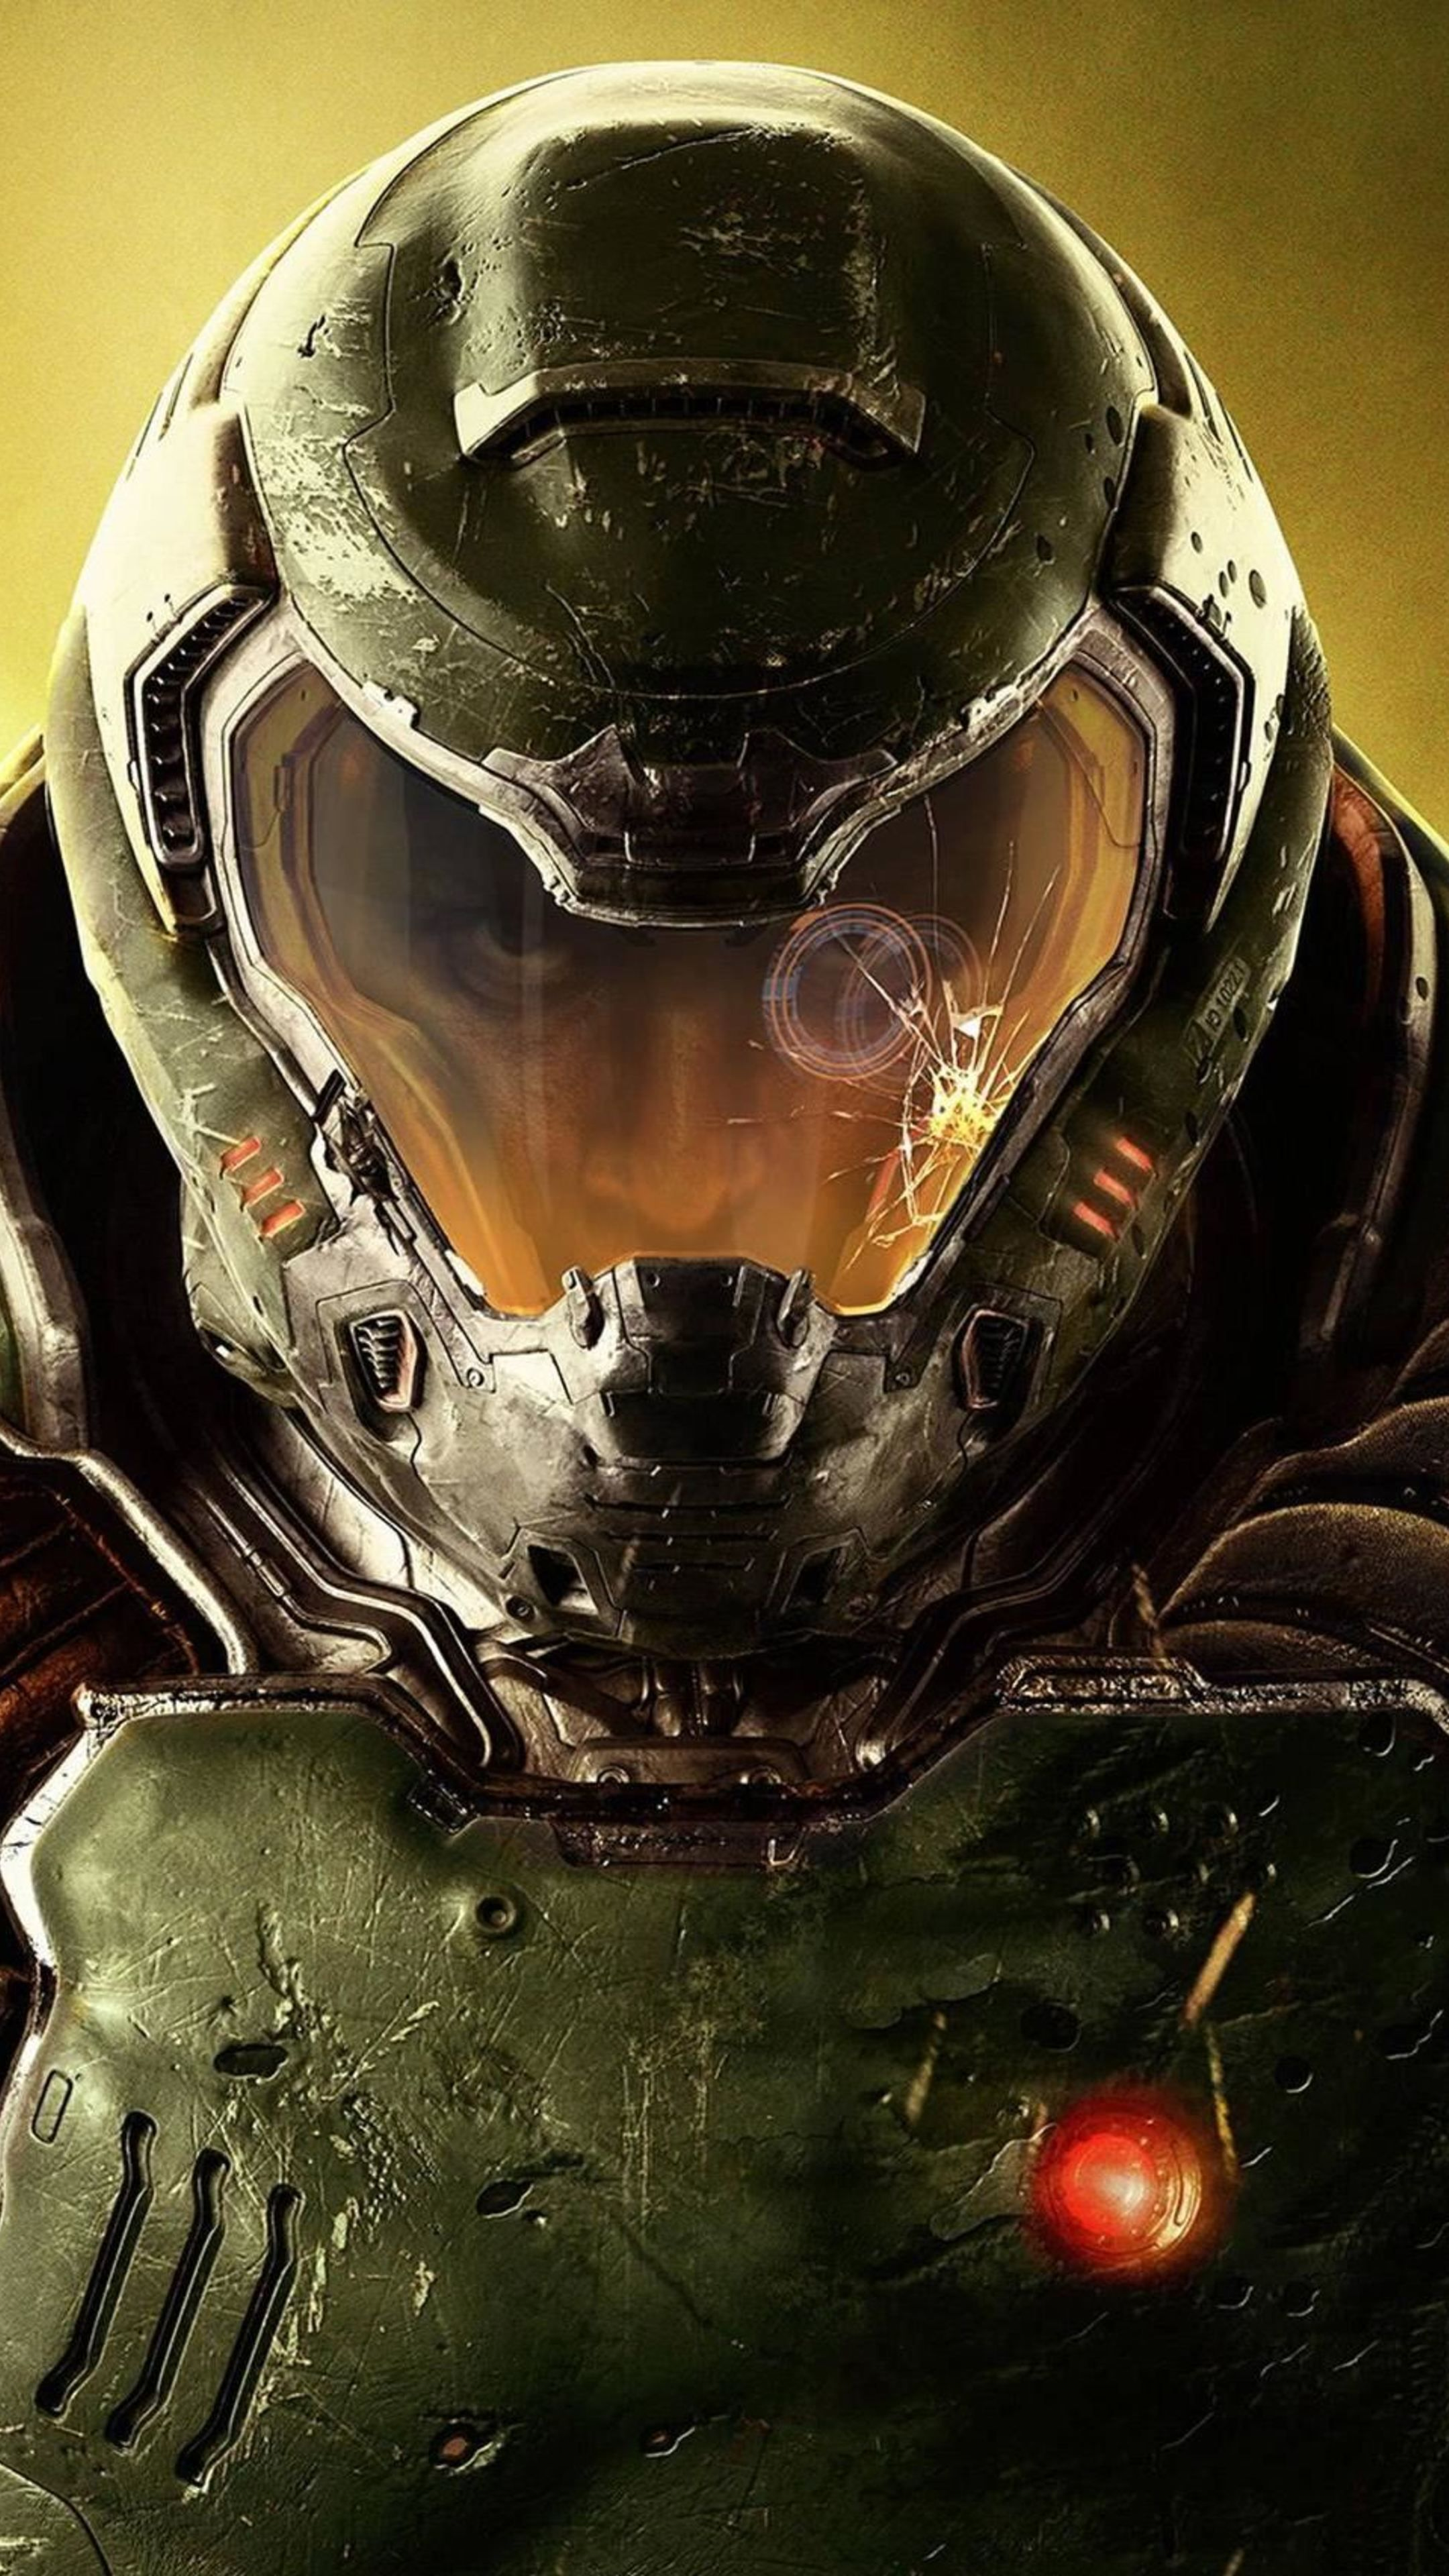 Doom Videogame Image By Declan Reid On Doom In 2020 Doom 4 Doom